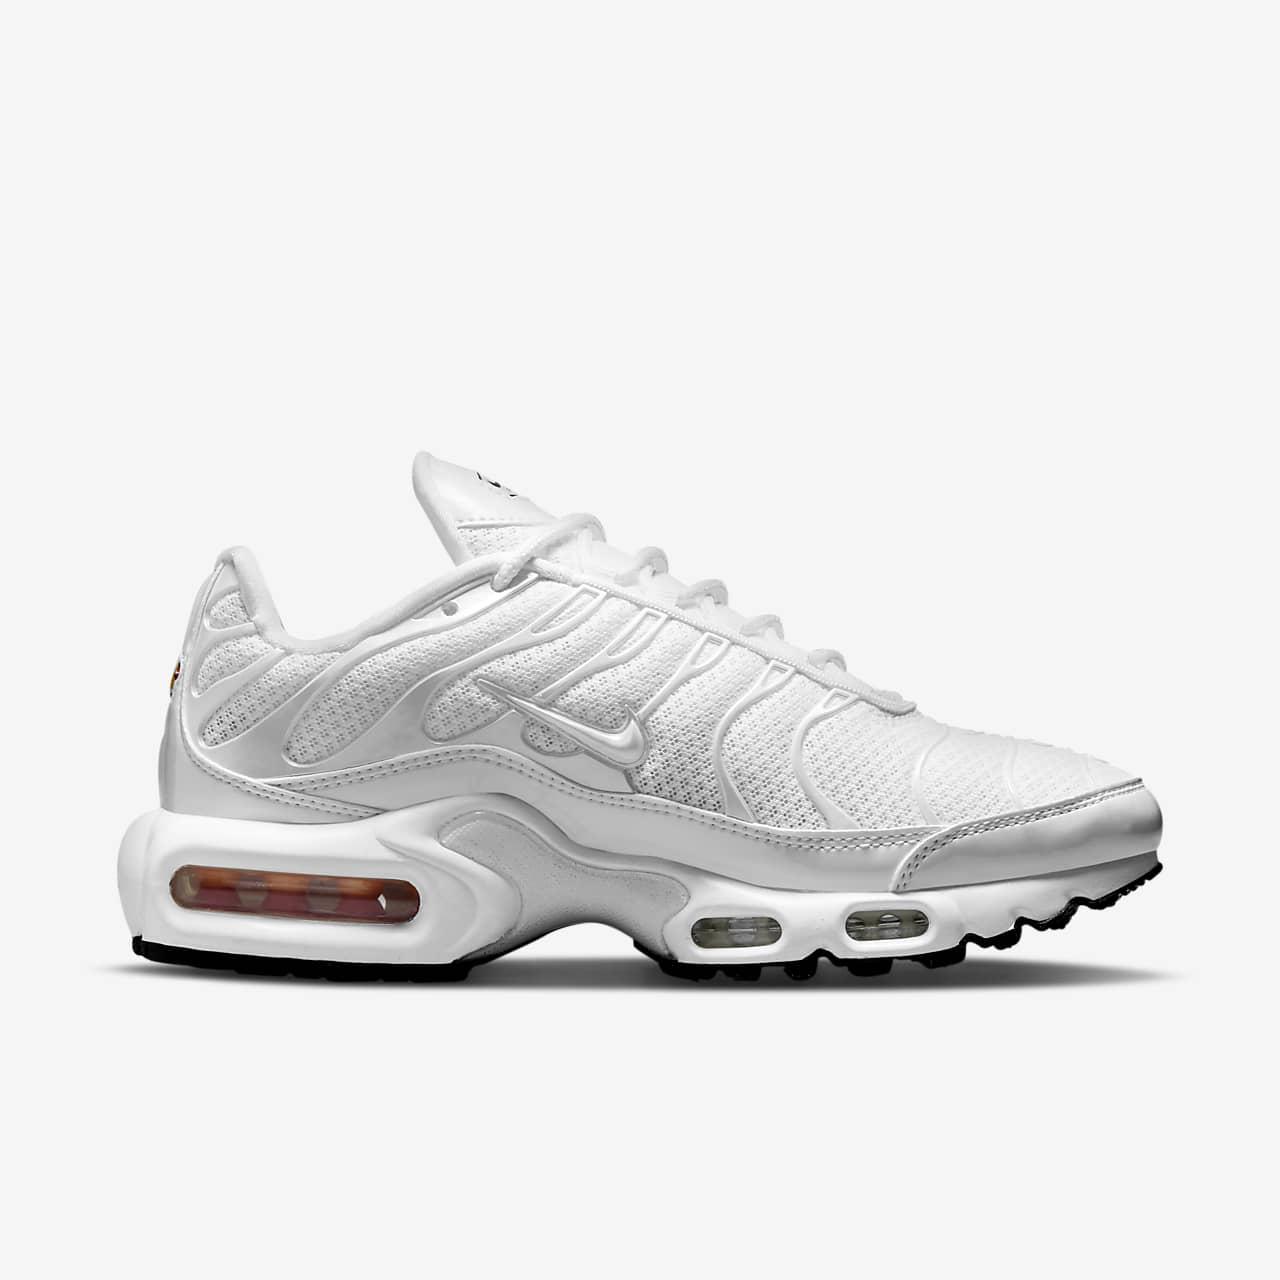 Nike Air Max Plus Premium sko til kvinder